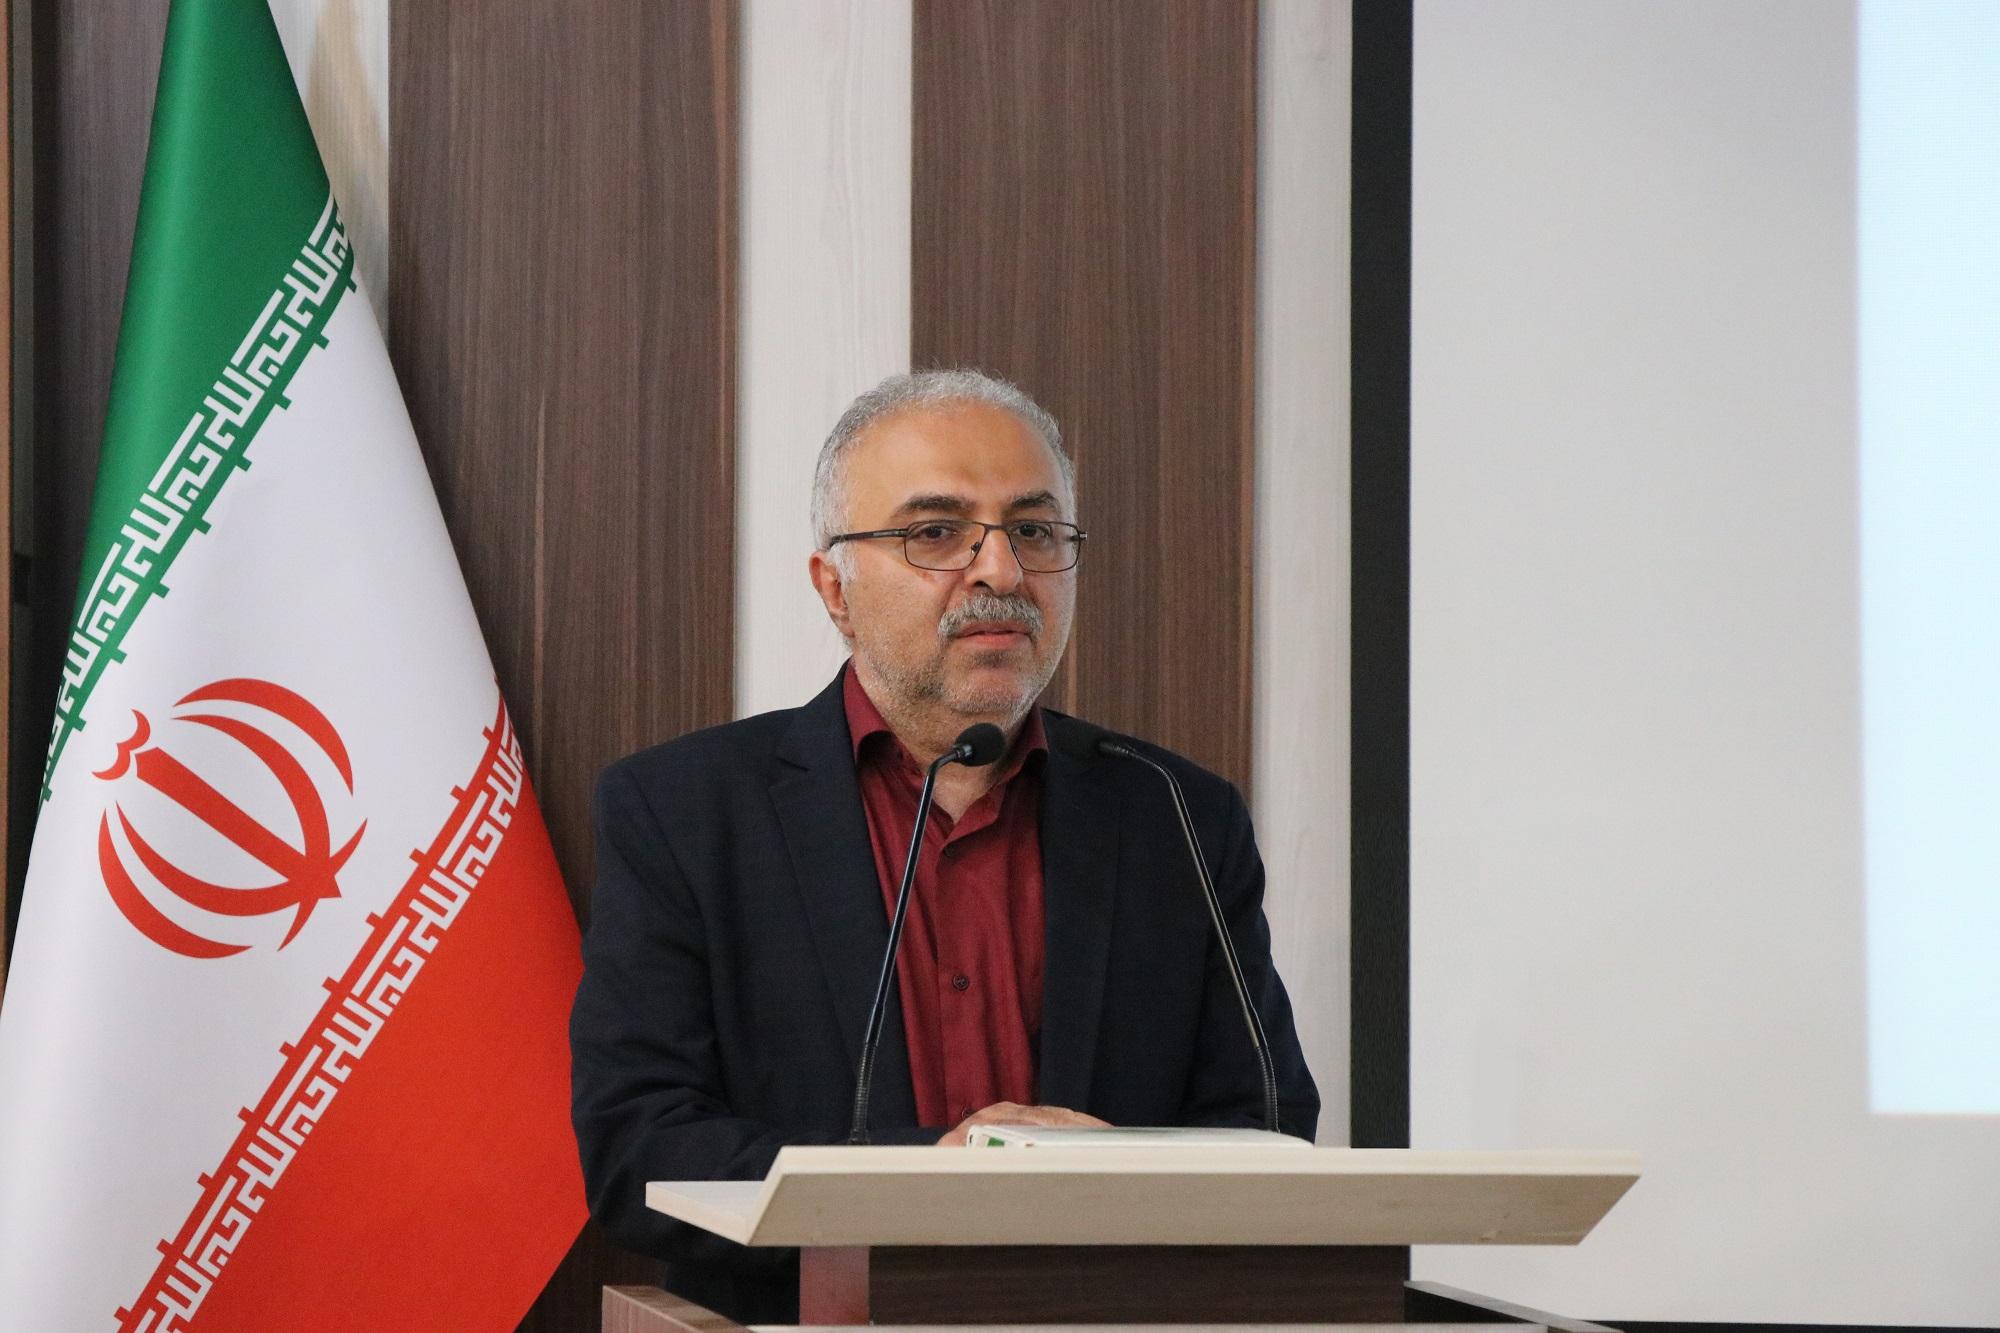 مدیرعامل شرکت گاز استان گیلان :بیش از یک میلیون و ۳۱ هزار مشترک گاز در گیلان